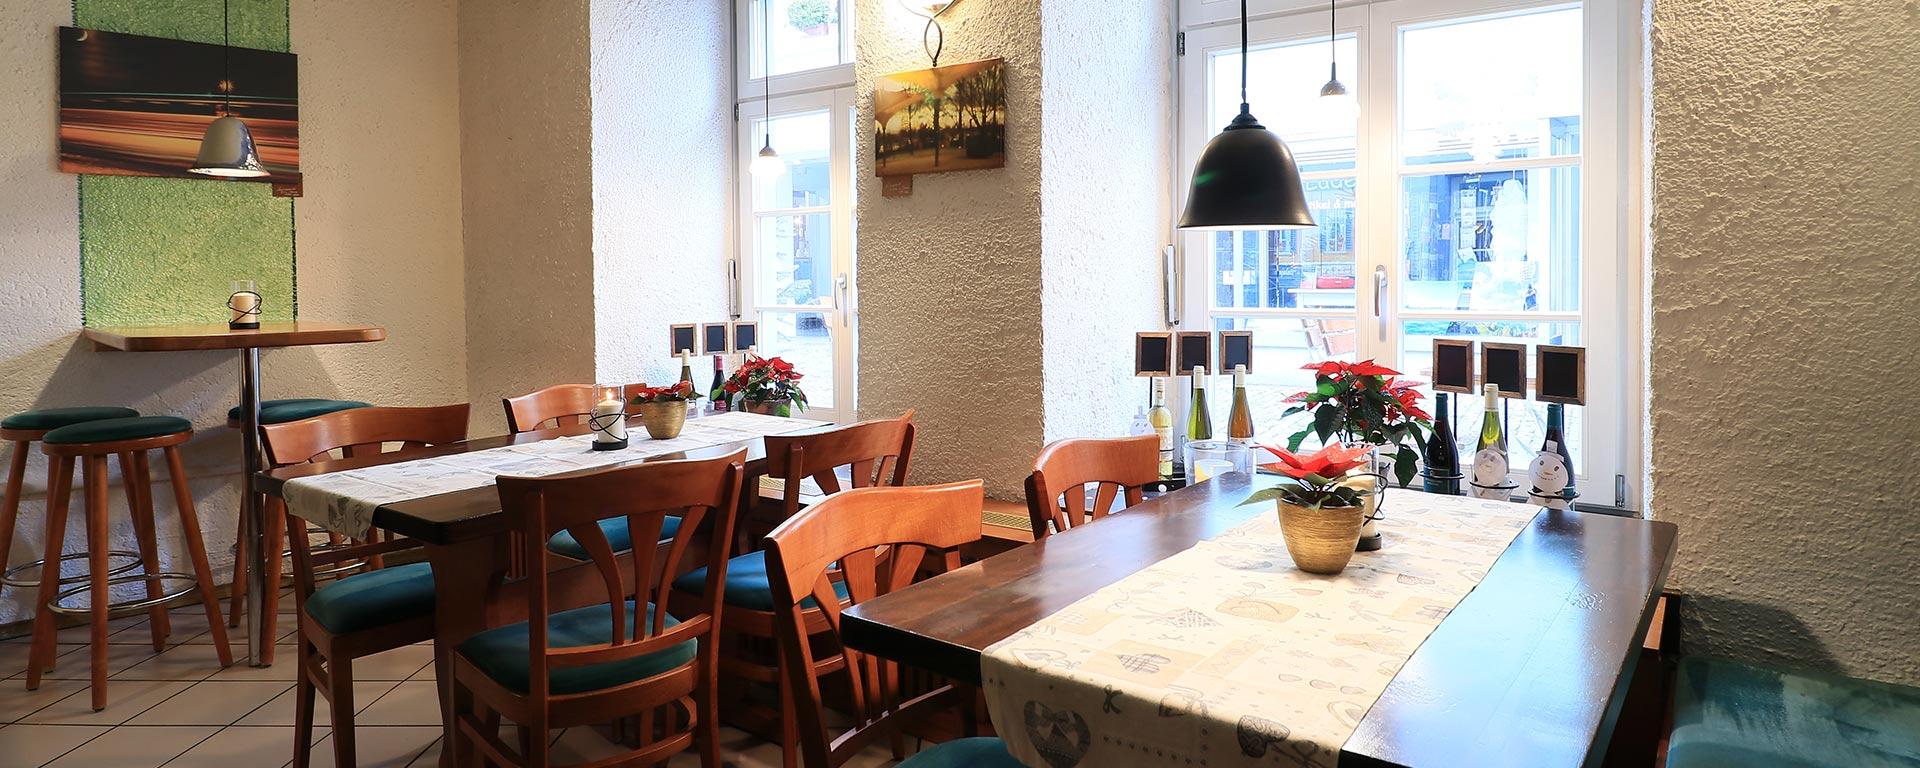 Restaurant Zur Wendelgard